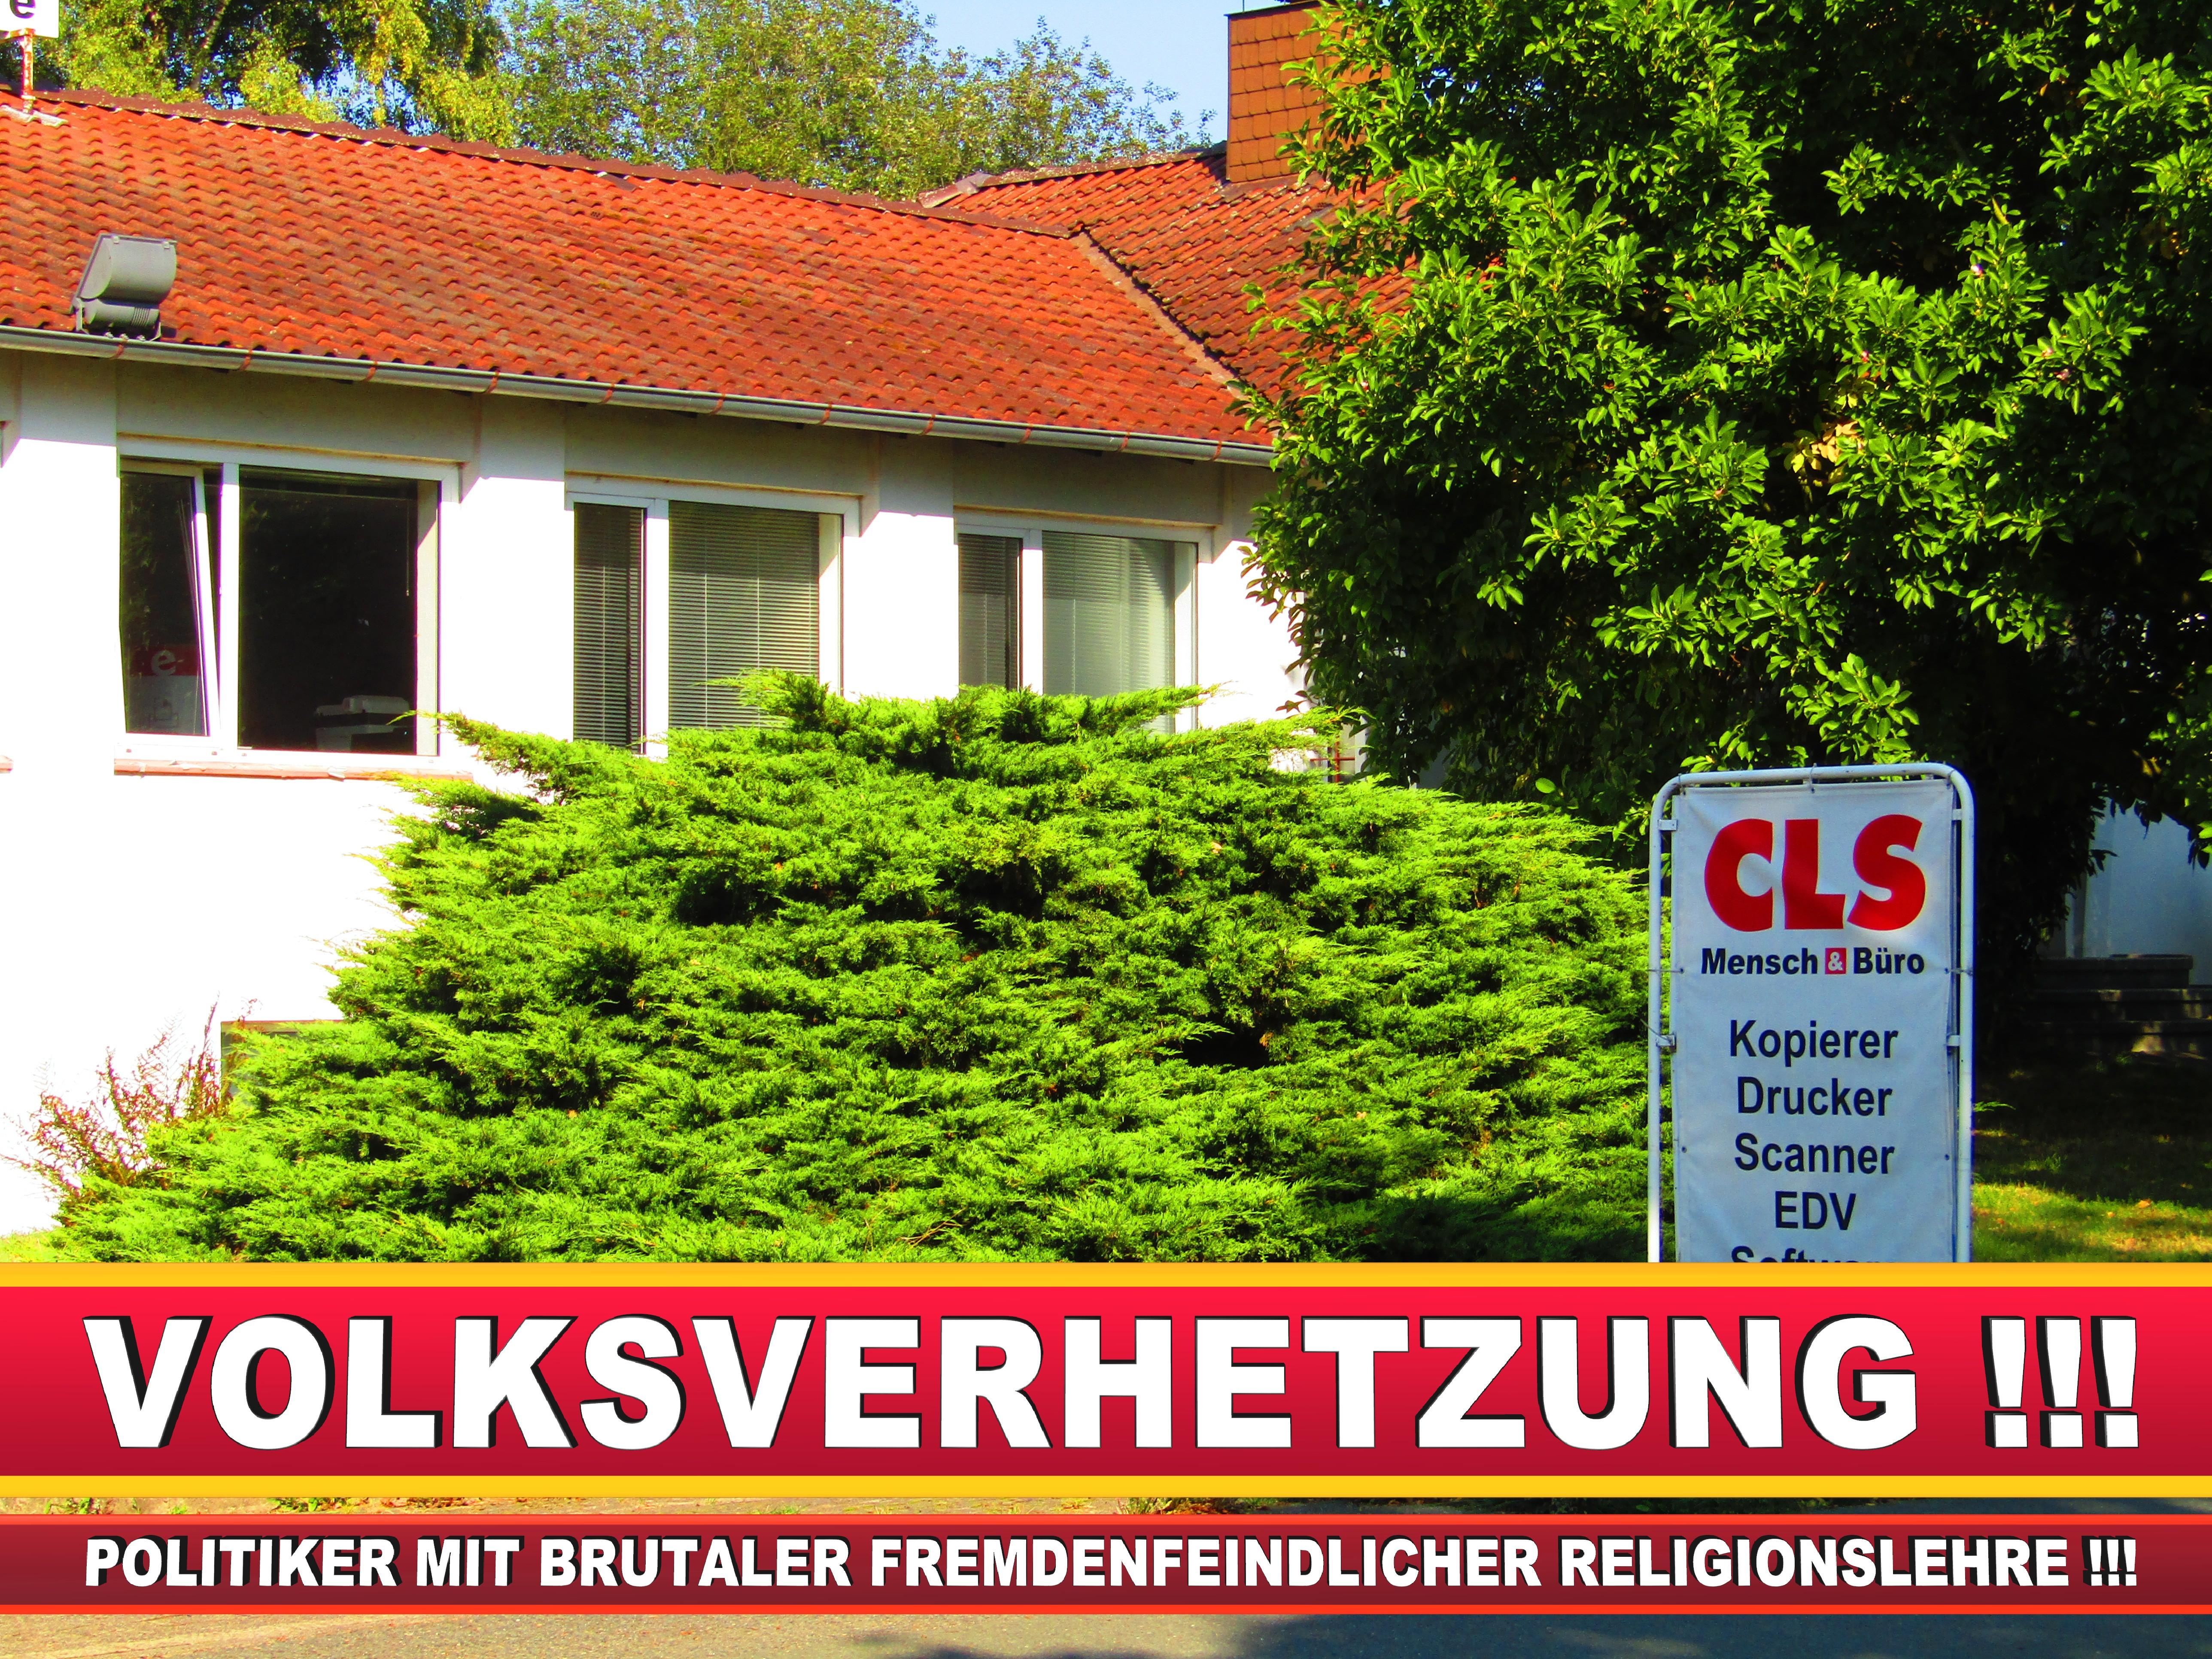 CLS MENSCH UND BÜRO GMBH CDU BIELEFELD (5) LANDTAGSWAHL BUNDESTAGSWAHL BÜRGERMEISTERWAHL